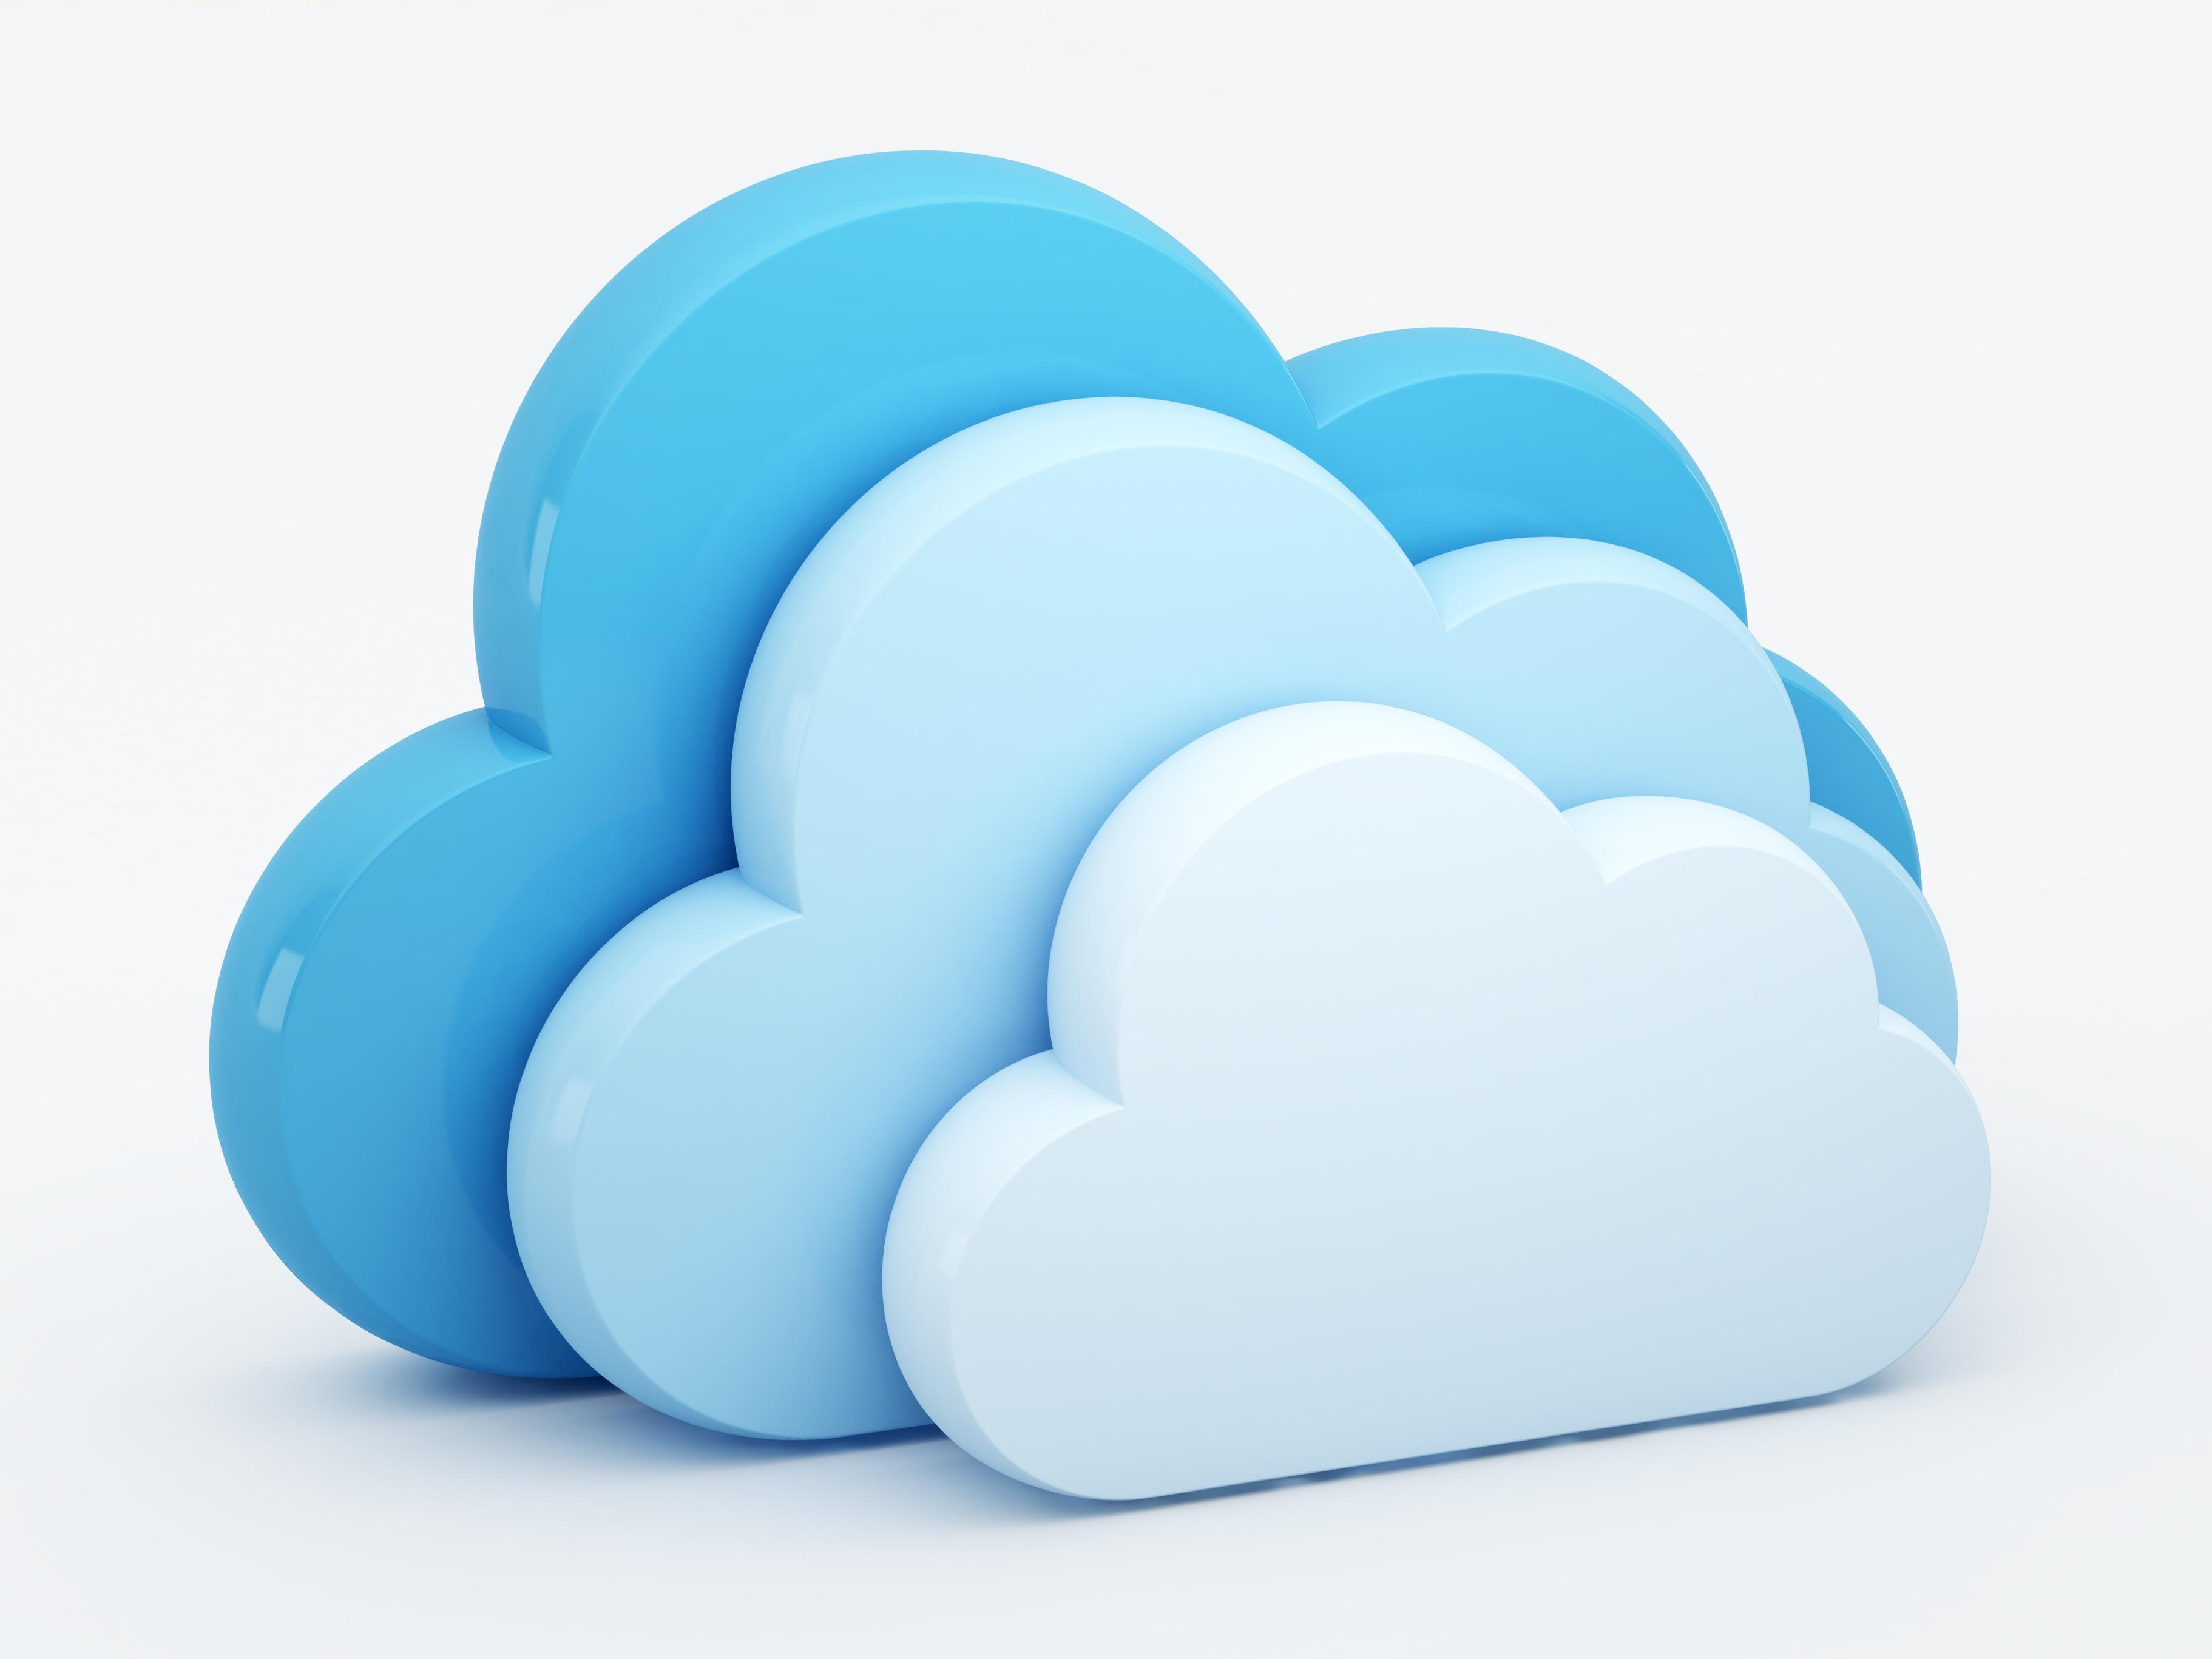 Recuperación ante desastres: nueva solución en la nube para tu empresa